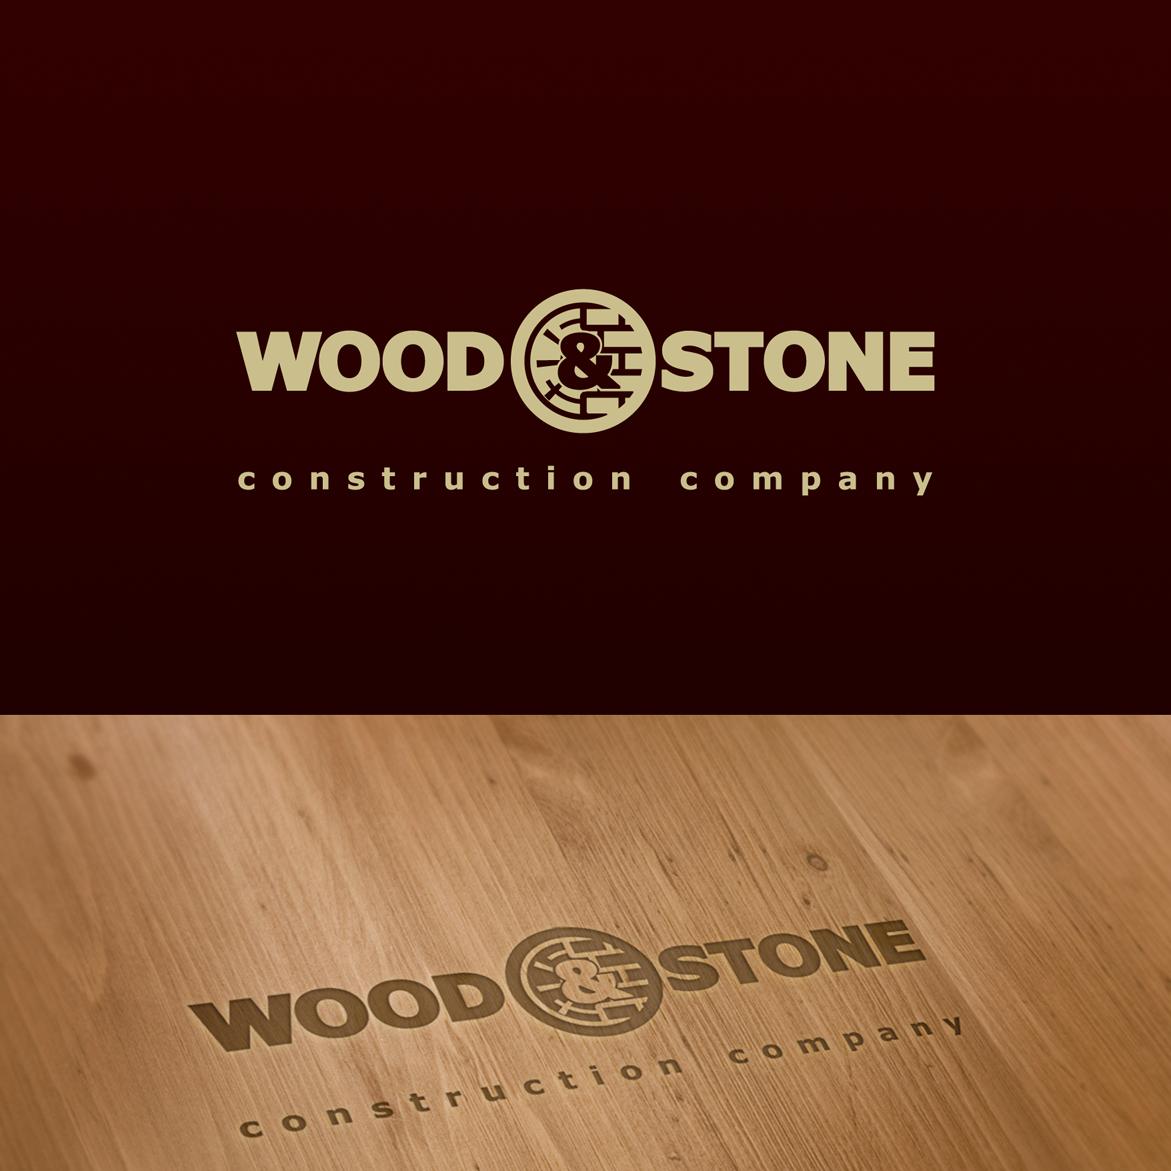 Логотип и Фирменный стиль фото f_05854949b7d8862f.png